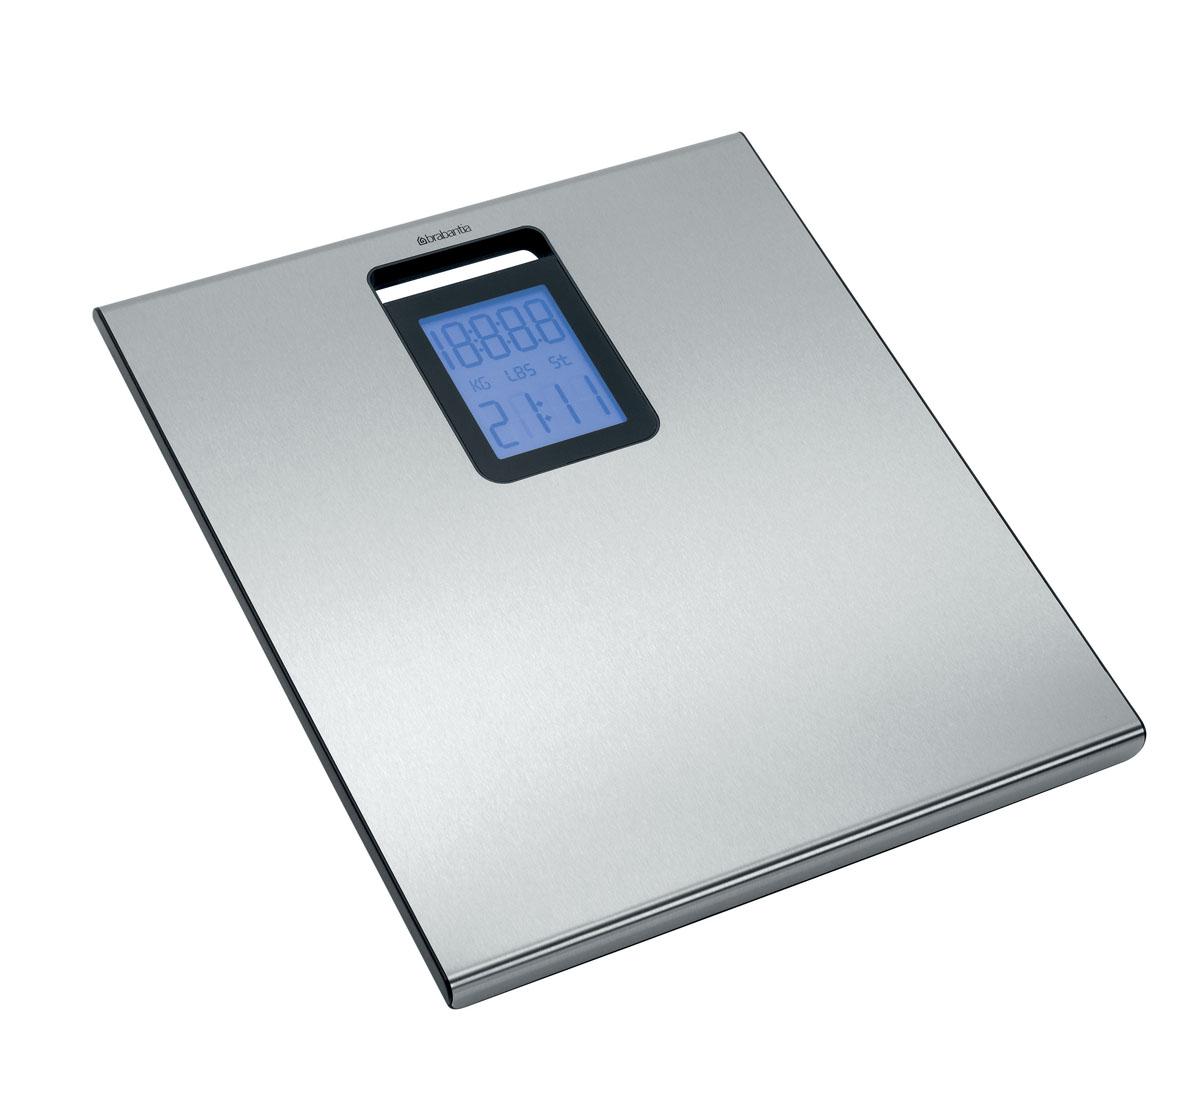 Весы для ванной комнаты BrabantiaVT-2406 Black WhiteСтильные весы для ванной комнаты Brabantia со встроенными часами имеют широкую платформу и большой дисплей с подсветкой.Автоматическое включение одним касанием.Автоматическое отключение питания, обеспечивающее экономию ресурса батарей. Просты в очистке – уникальное покрытие с защитой от отпечатков пальцев. Отличная устойчивость – прочные защитные противоскользящие колпачки. Большой предел взвешивания (макс 160 кг). Изделие поставляется с комплектом батарей (4 x AAA 1,5 V).Компактны при хранении – в комплект входит кронштейн для крепления к стене. Просты в использовании – четкая пошаговая инструкция. Изготовлены из долговечных коррозионностойких материалов.